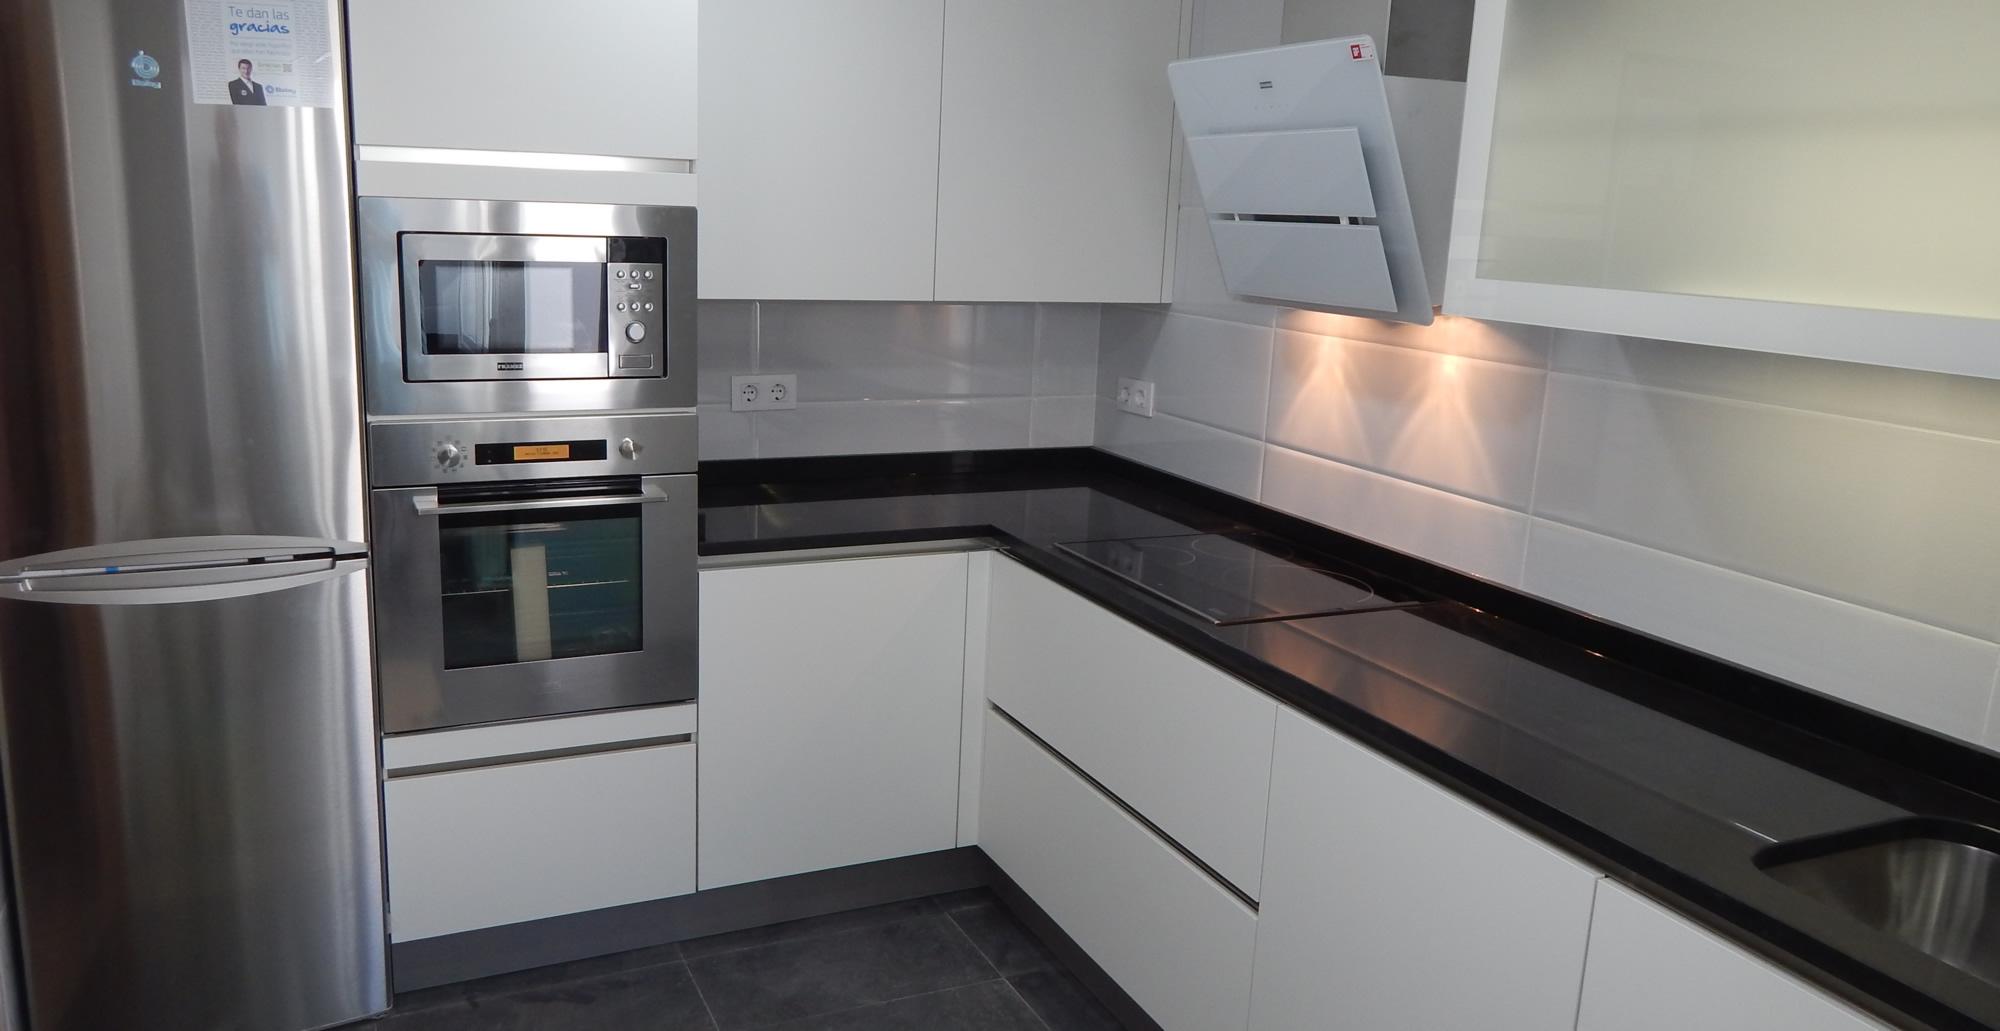 Muebles de cocina especialistas en dise o sin tiradores for Diseno muebles para cocina